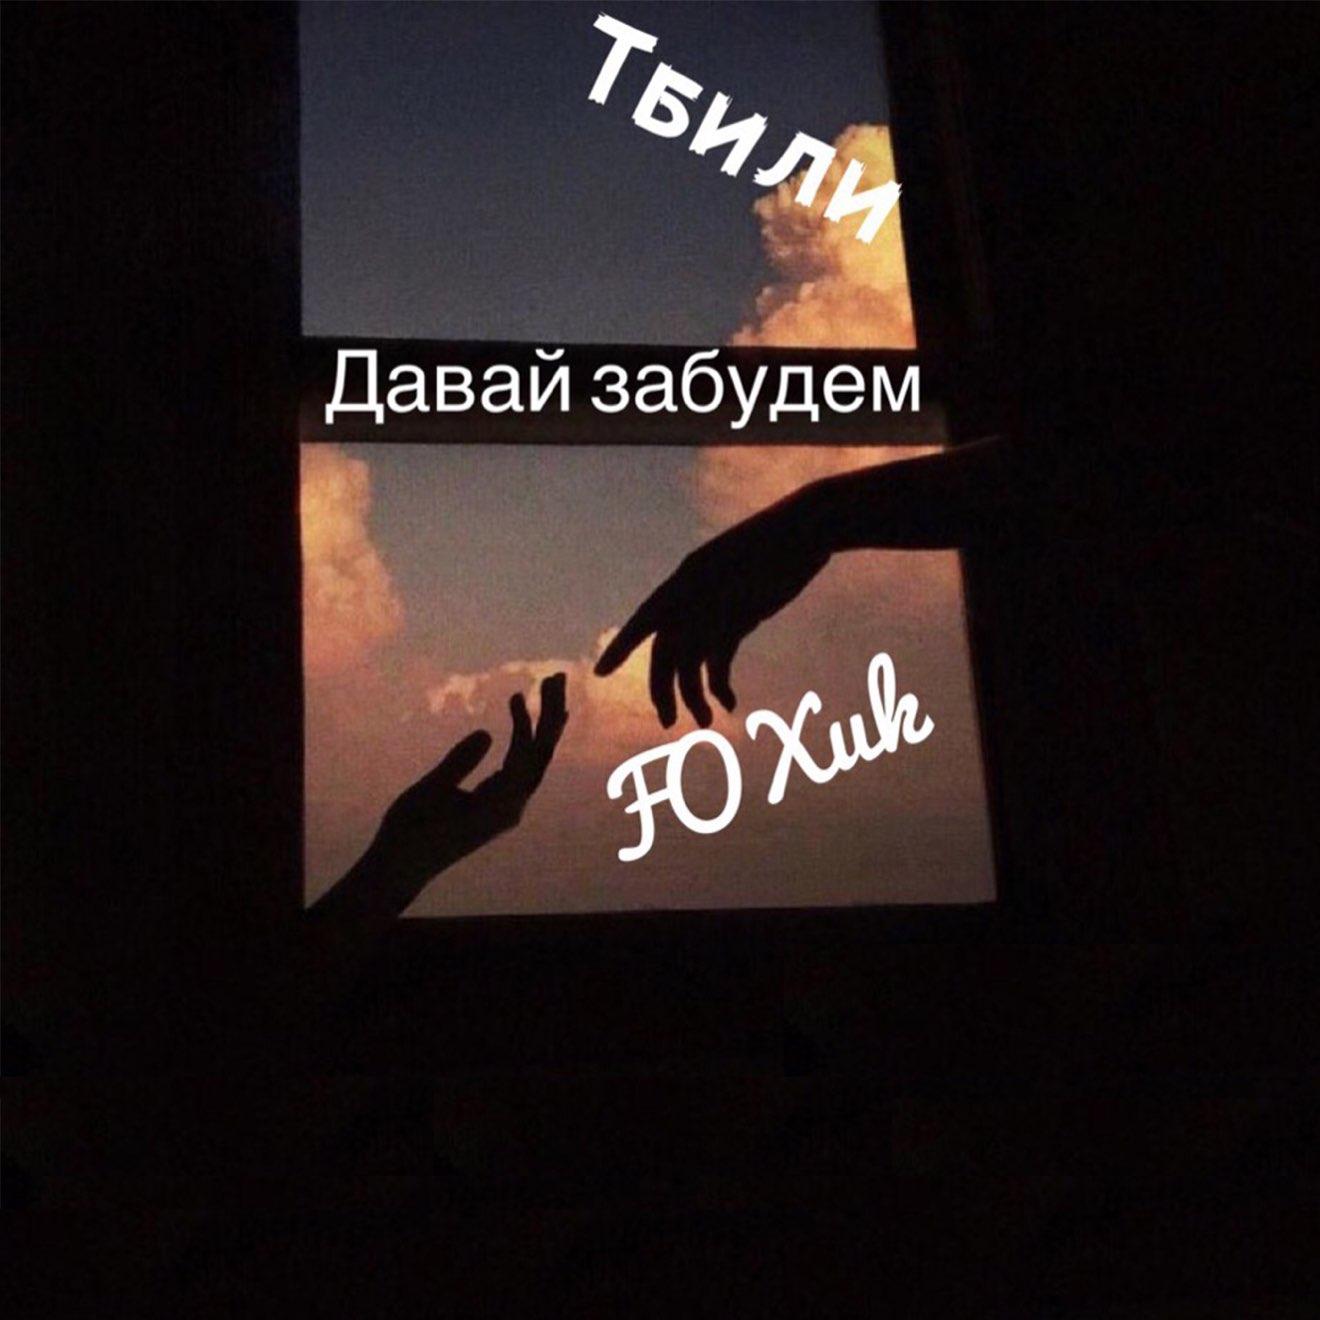 Тбили